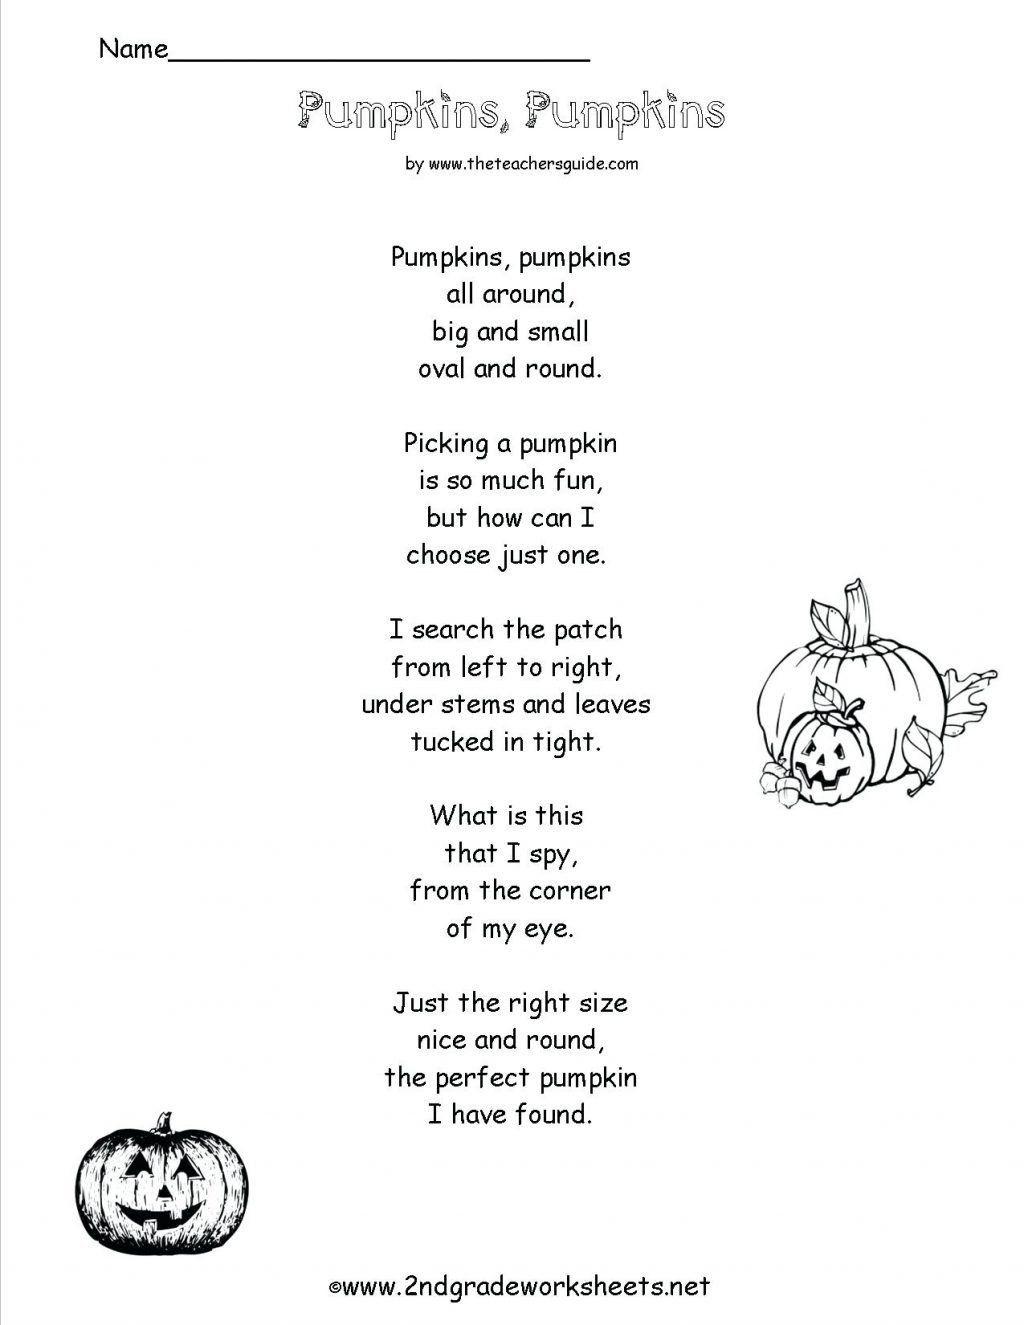 Poetry Worksheets For Kids Worksheet Ideas Worksheet Ideas